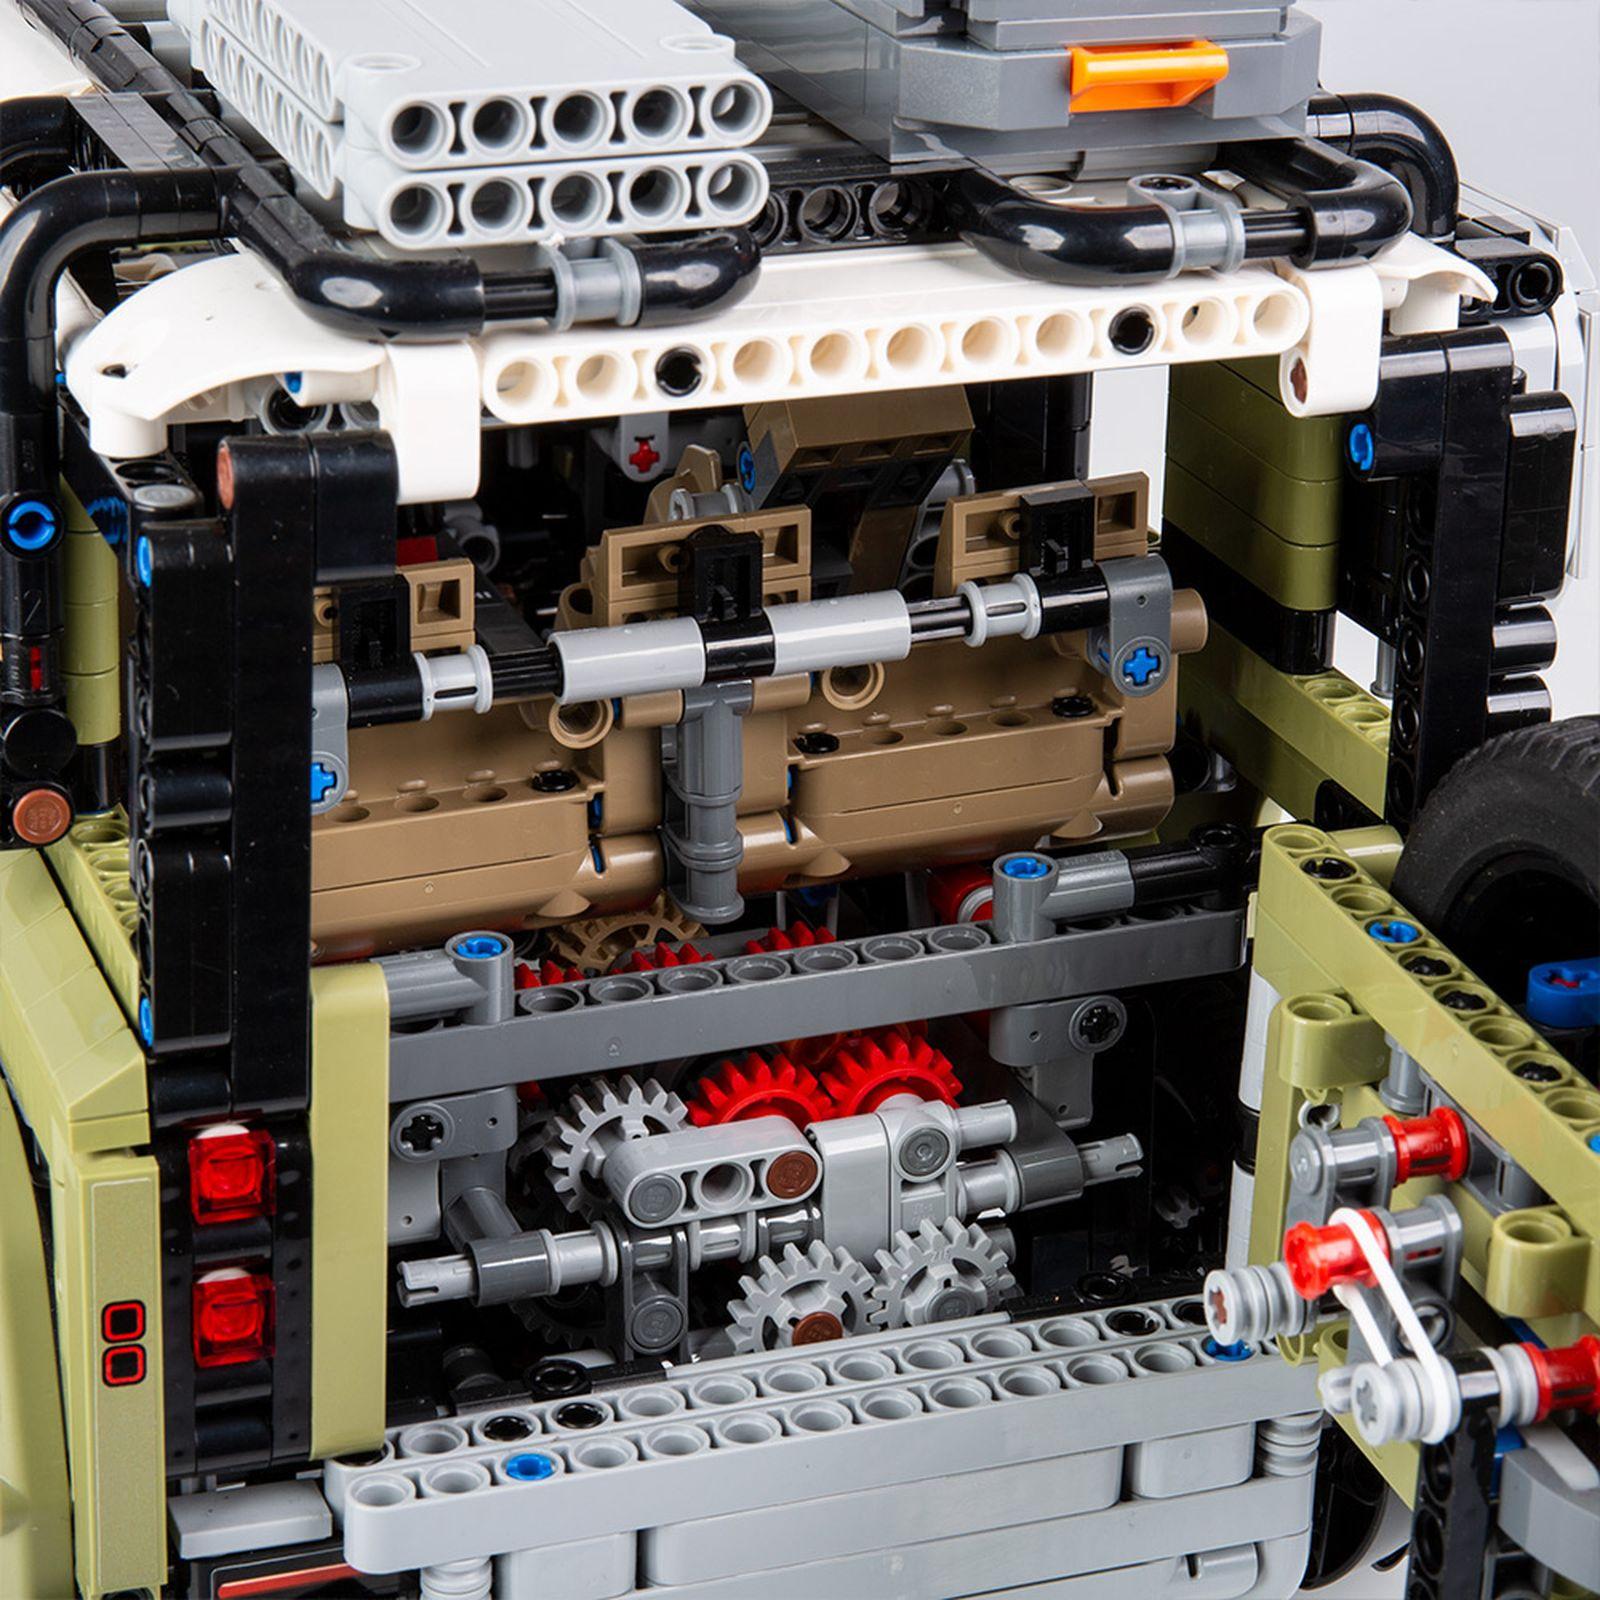 LEGO Land Rover Defender model green